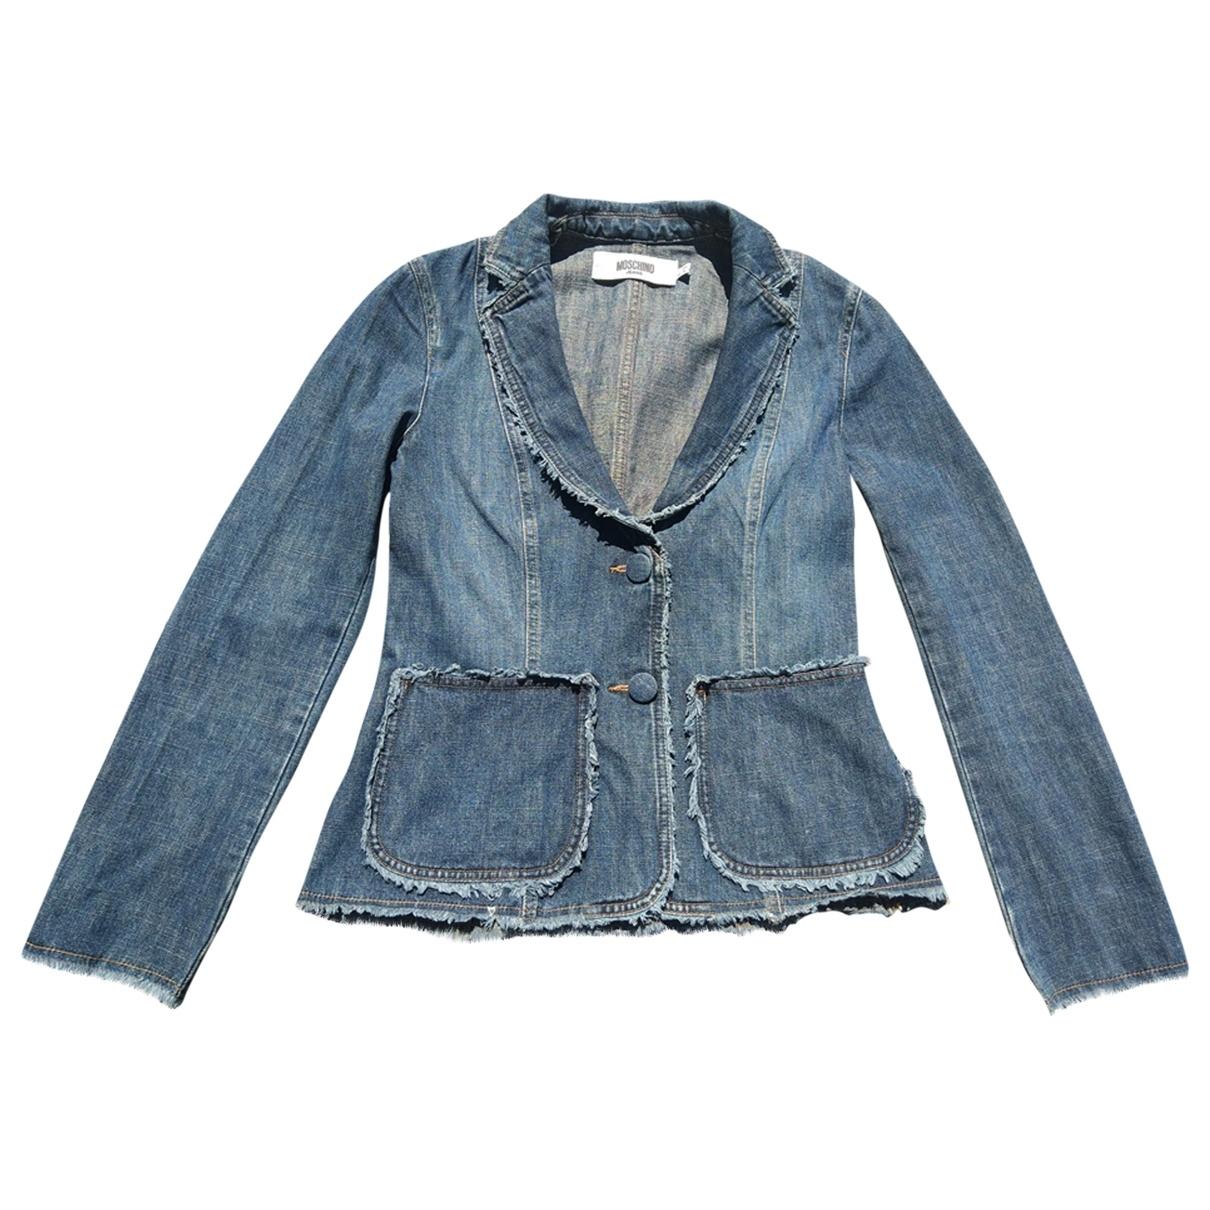 Moschino \N Jacke in  Blau Denim - Jeans